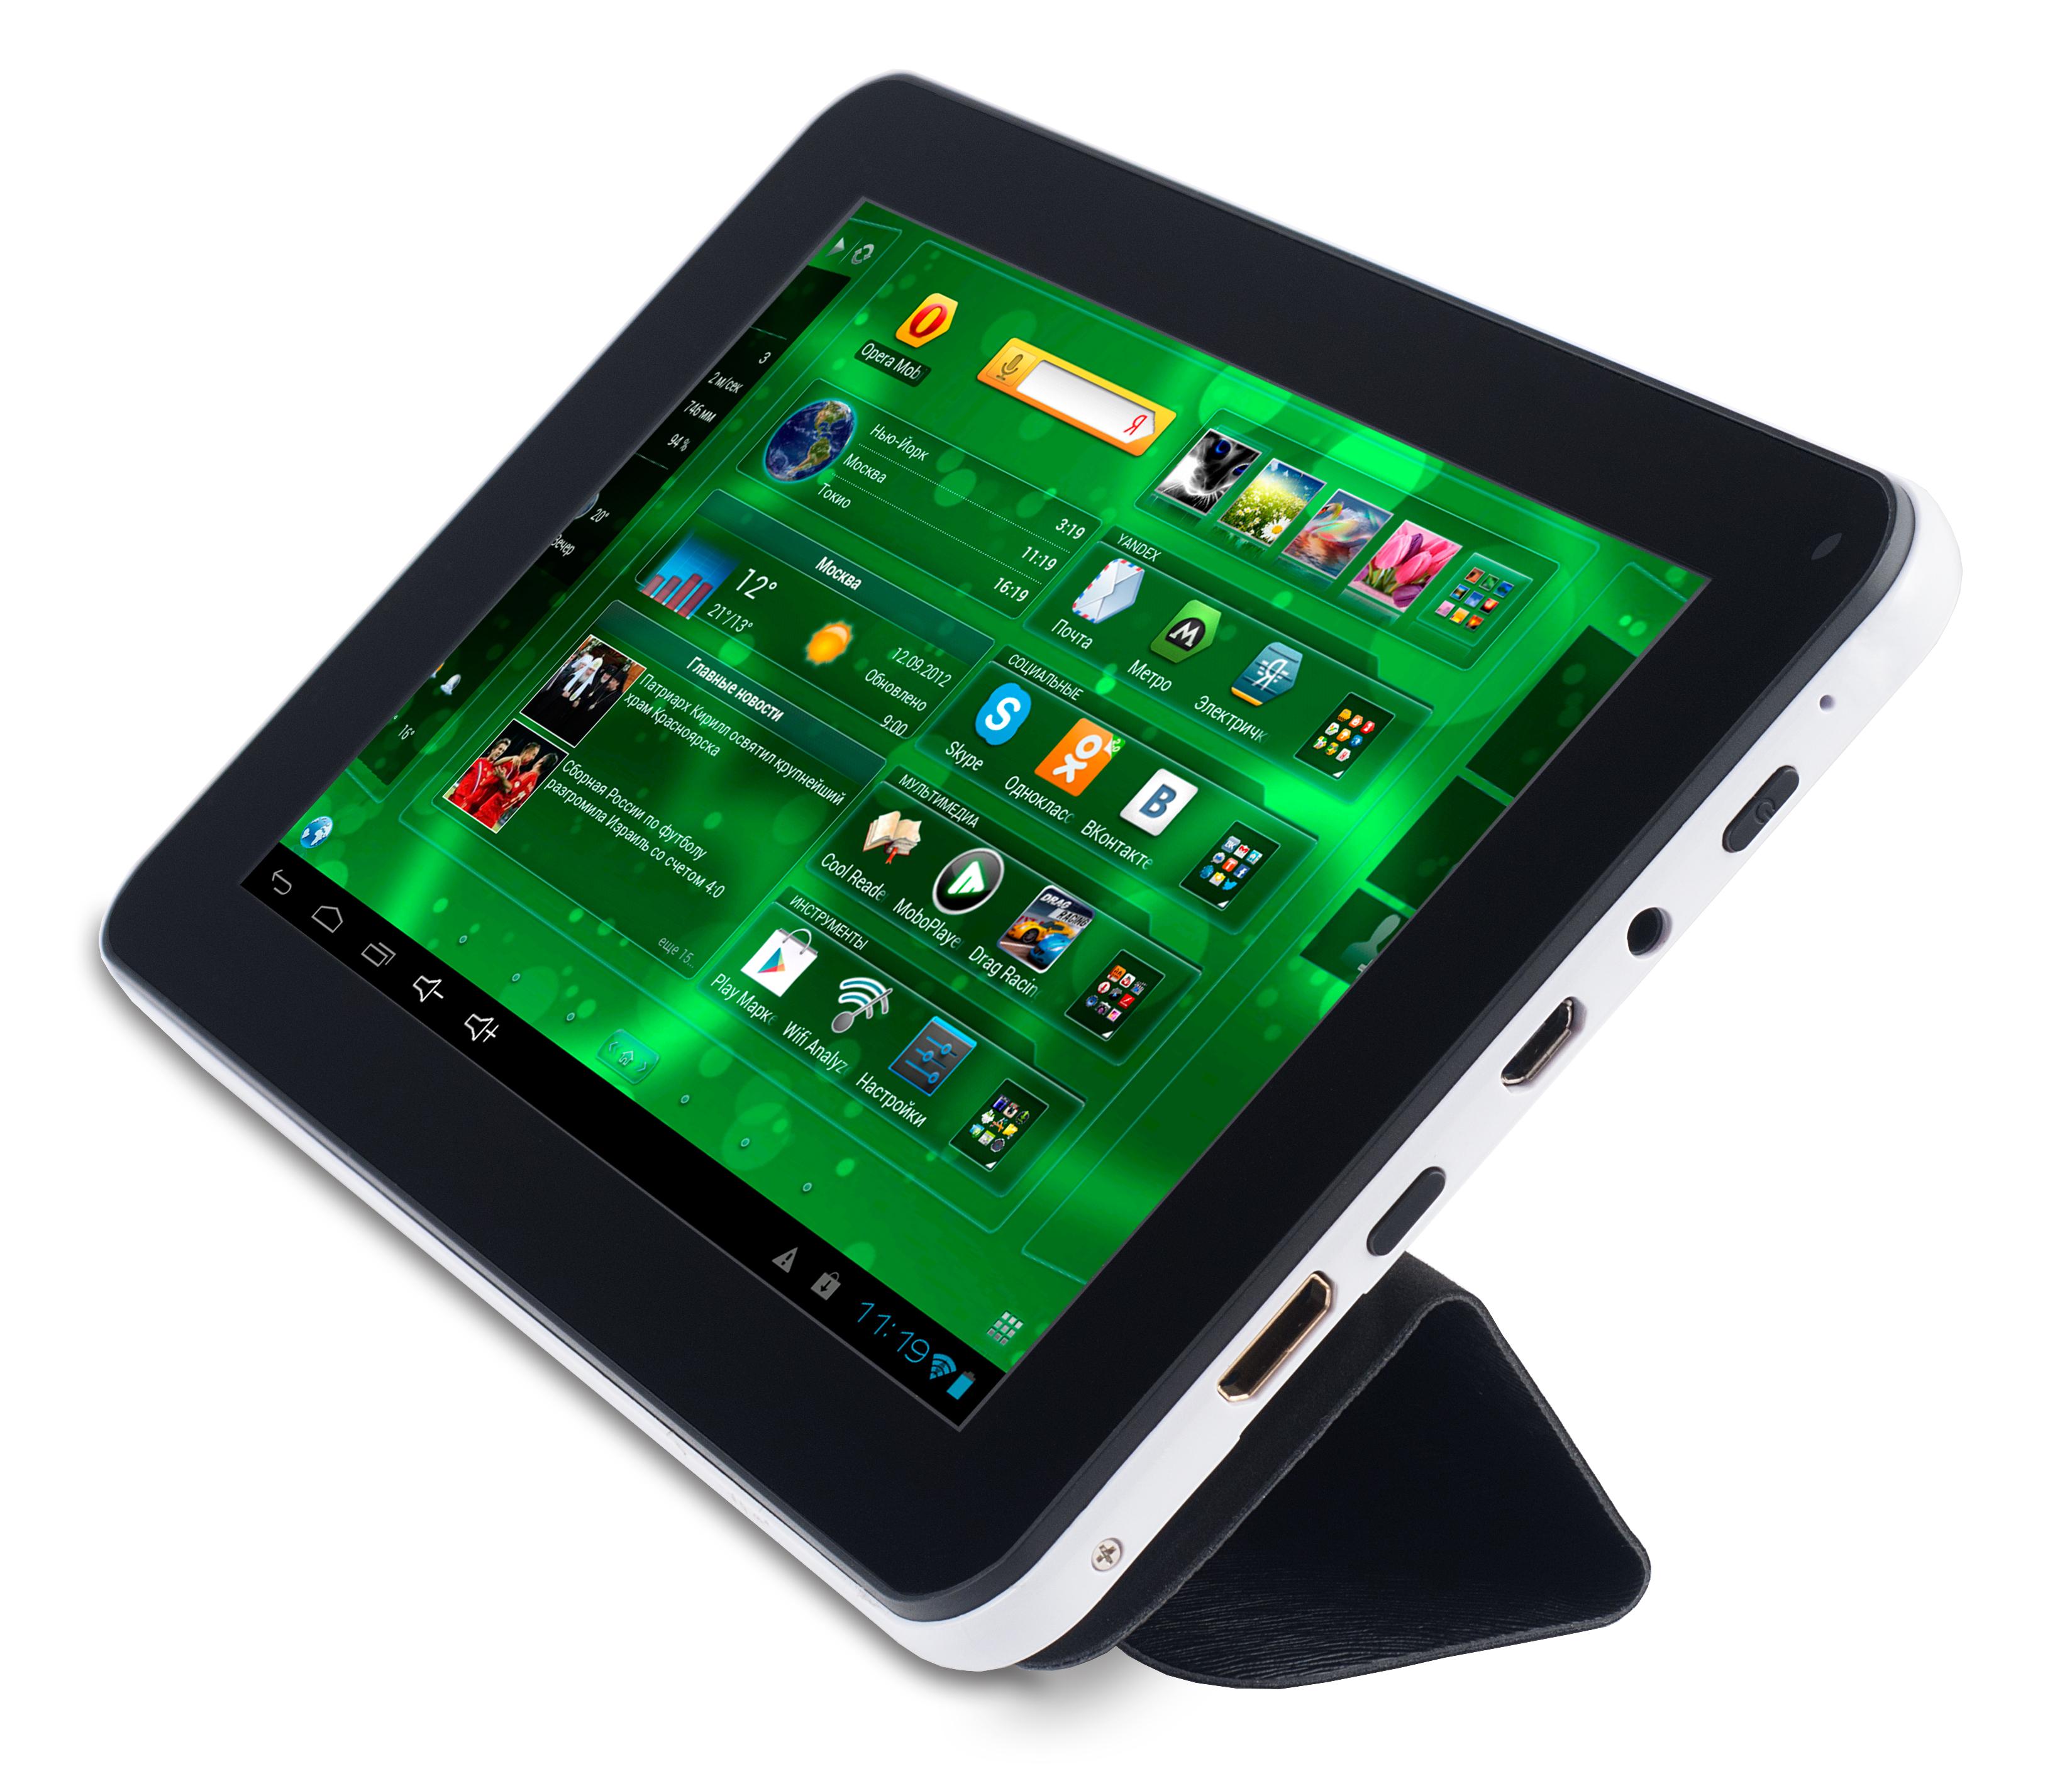 Perfeo 7510-HD — удобный и доступный планшет